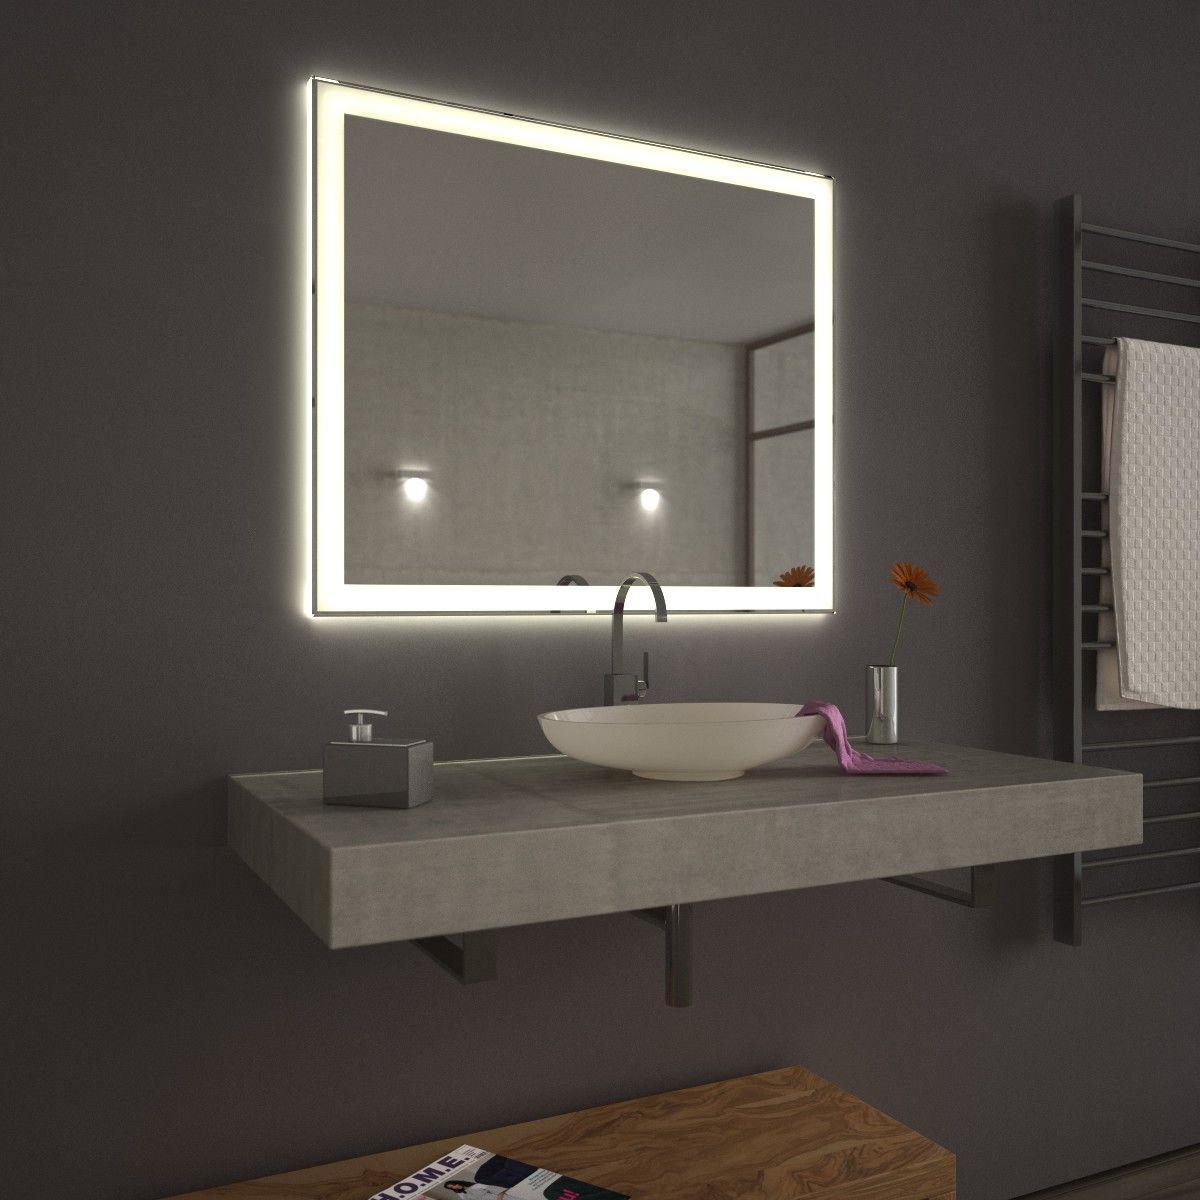 Badezimmerspiegel mit Beleuchtung Velen | Badspiegel ...